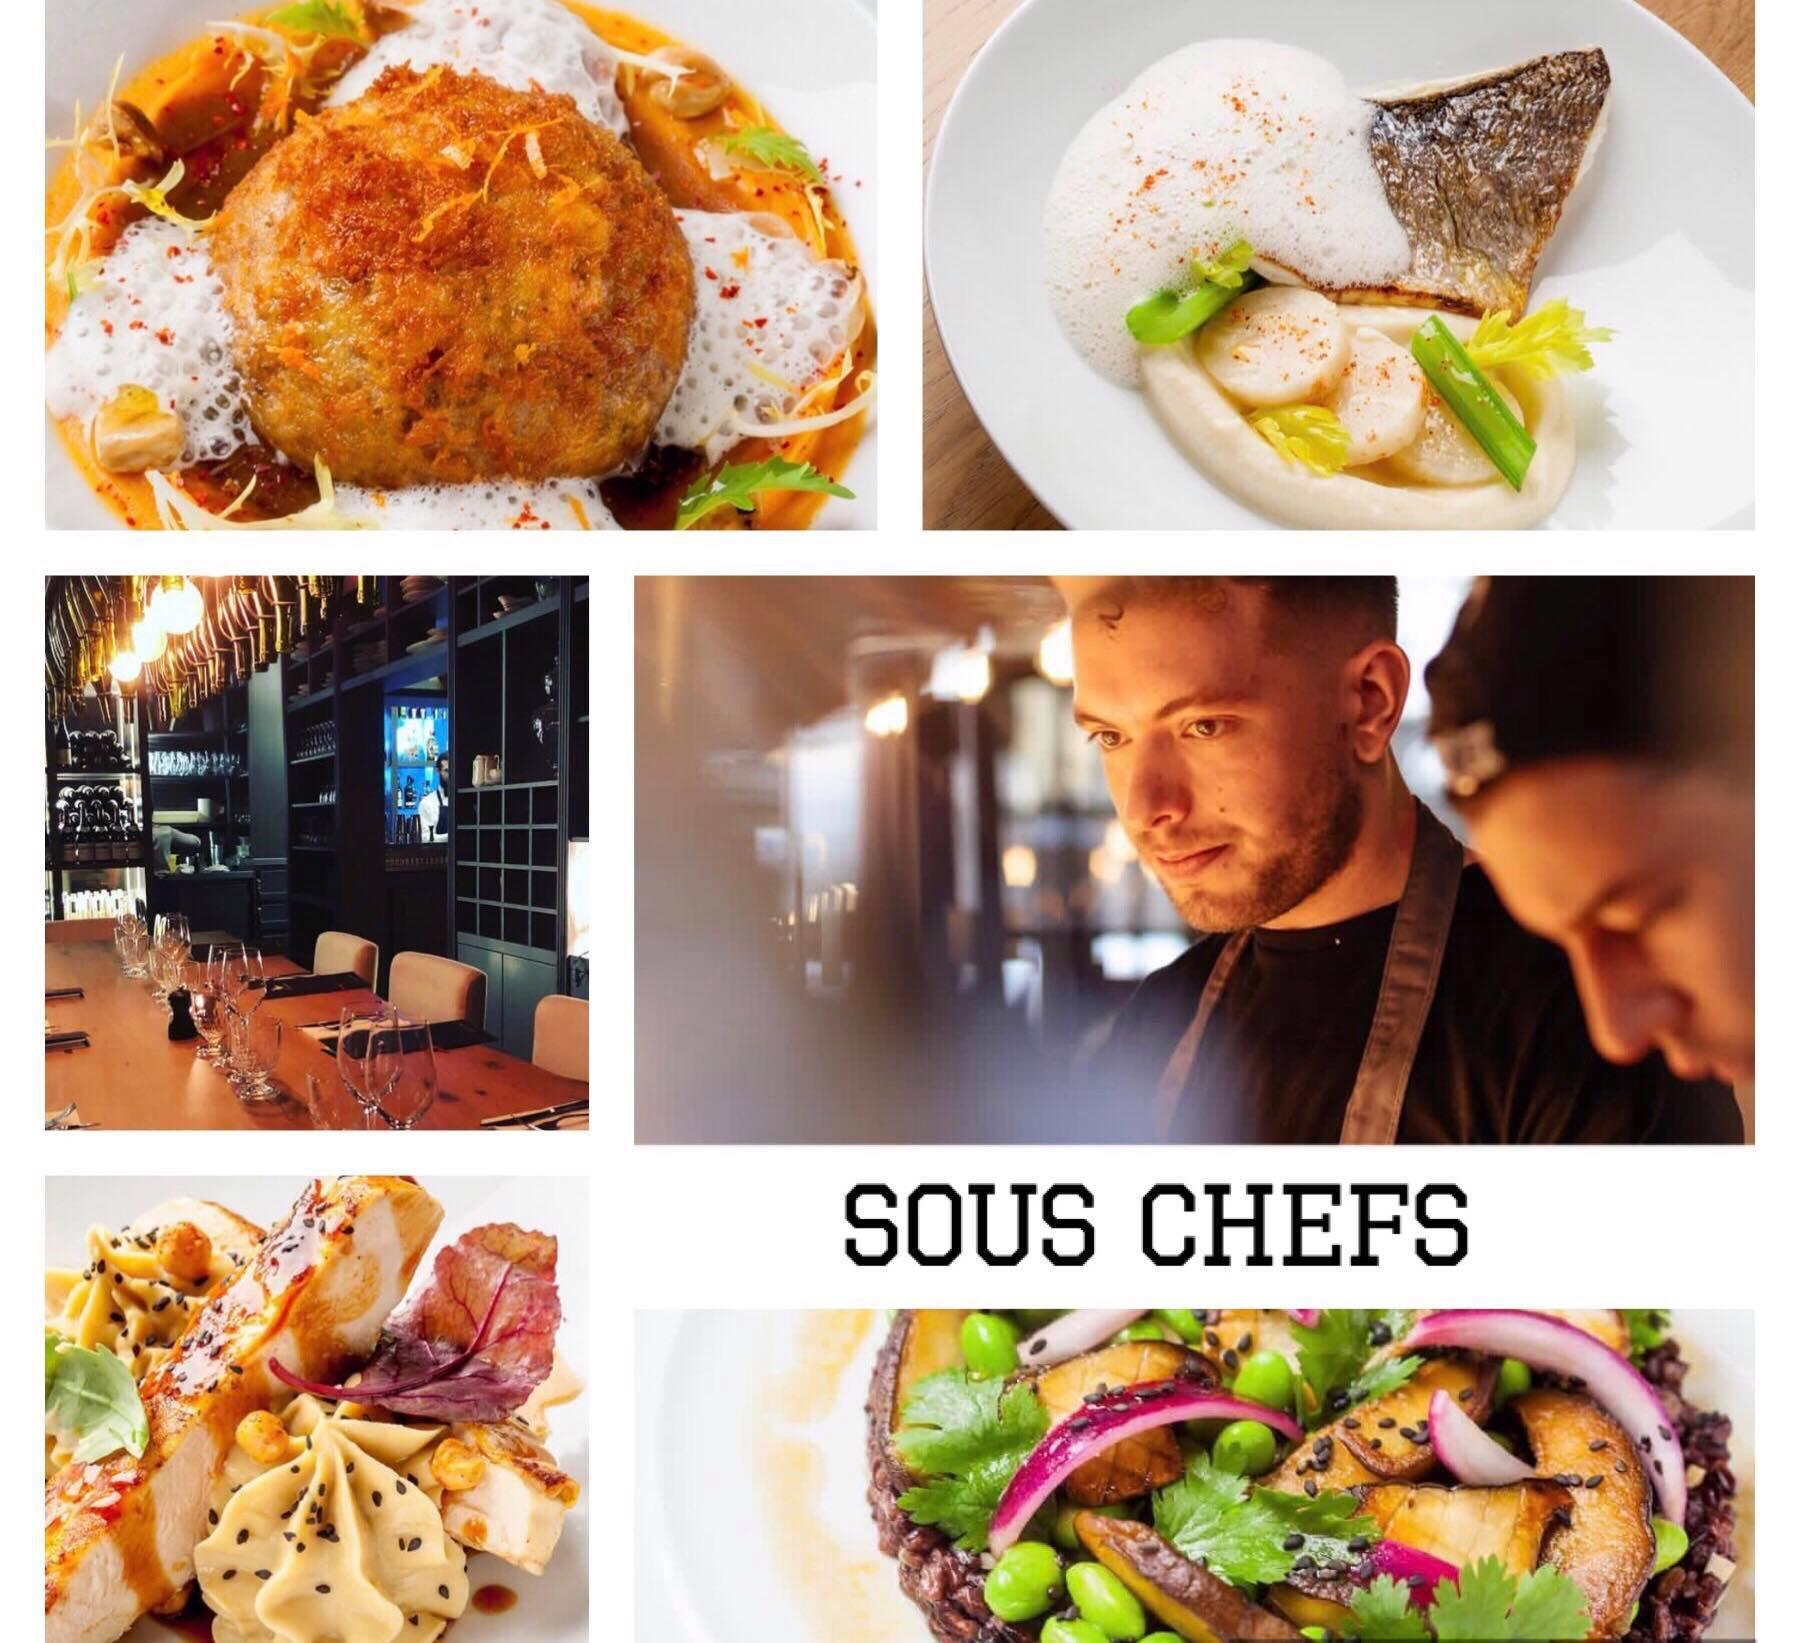 Sous chefs de cuisine rhea recrutement - Offre emploi chef de cuisine ...